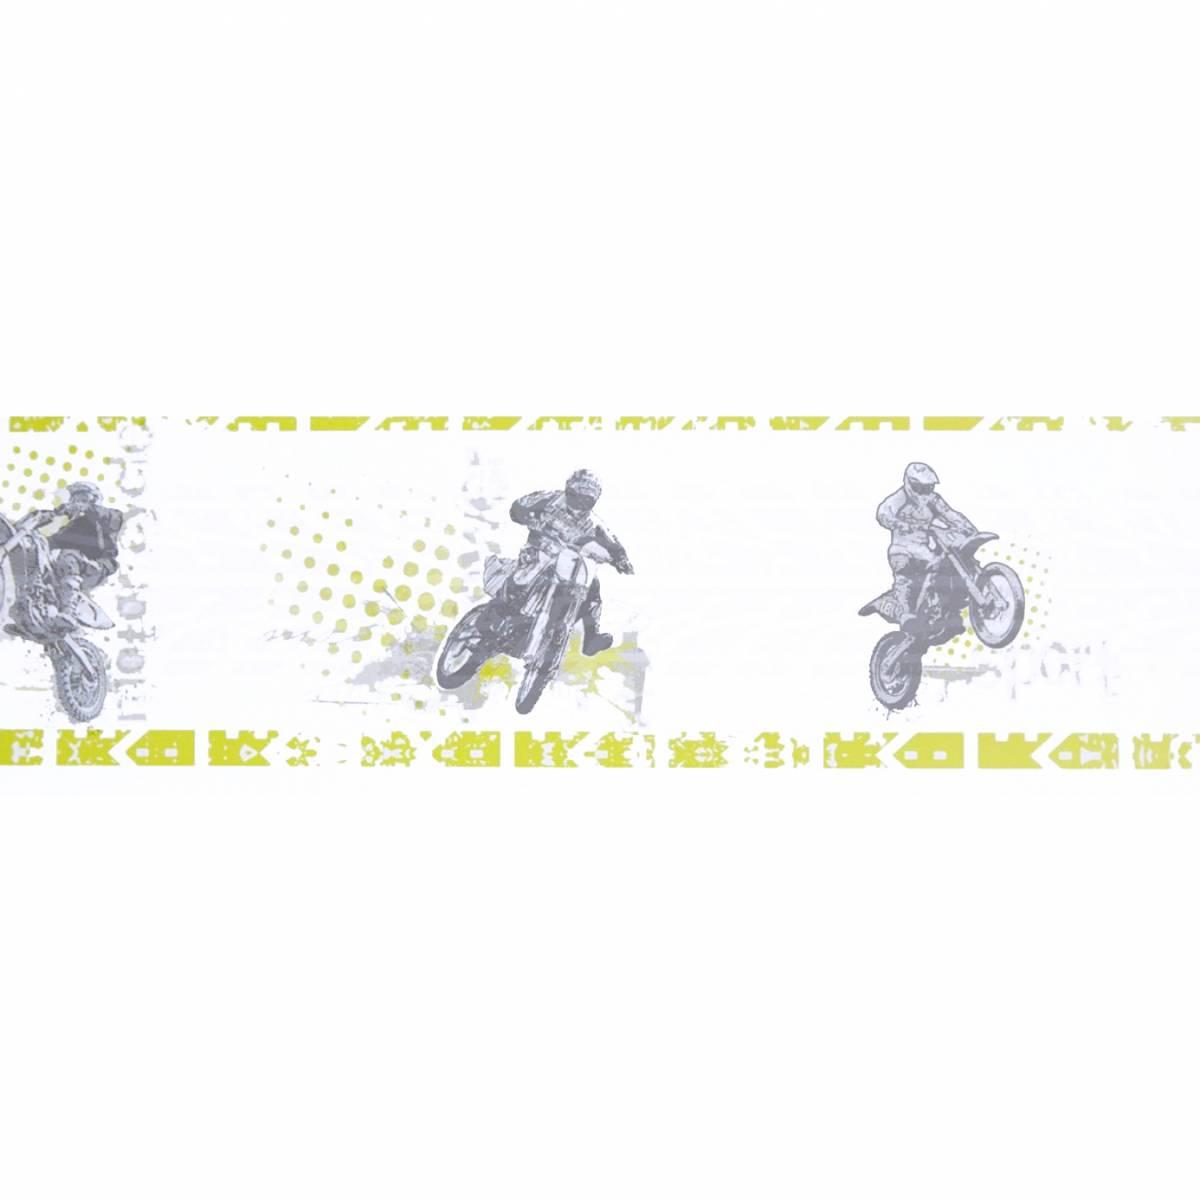 motocross wallpaper border green 64827070 caselio